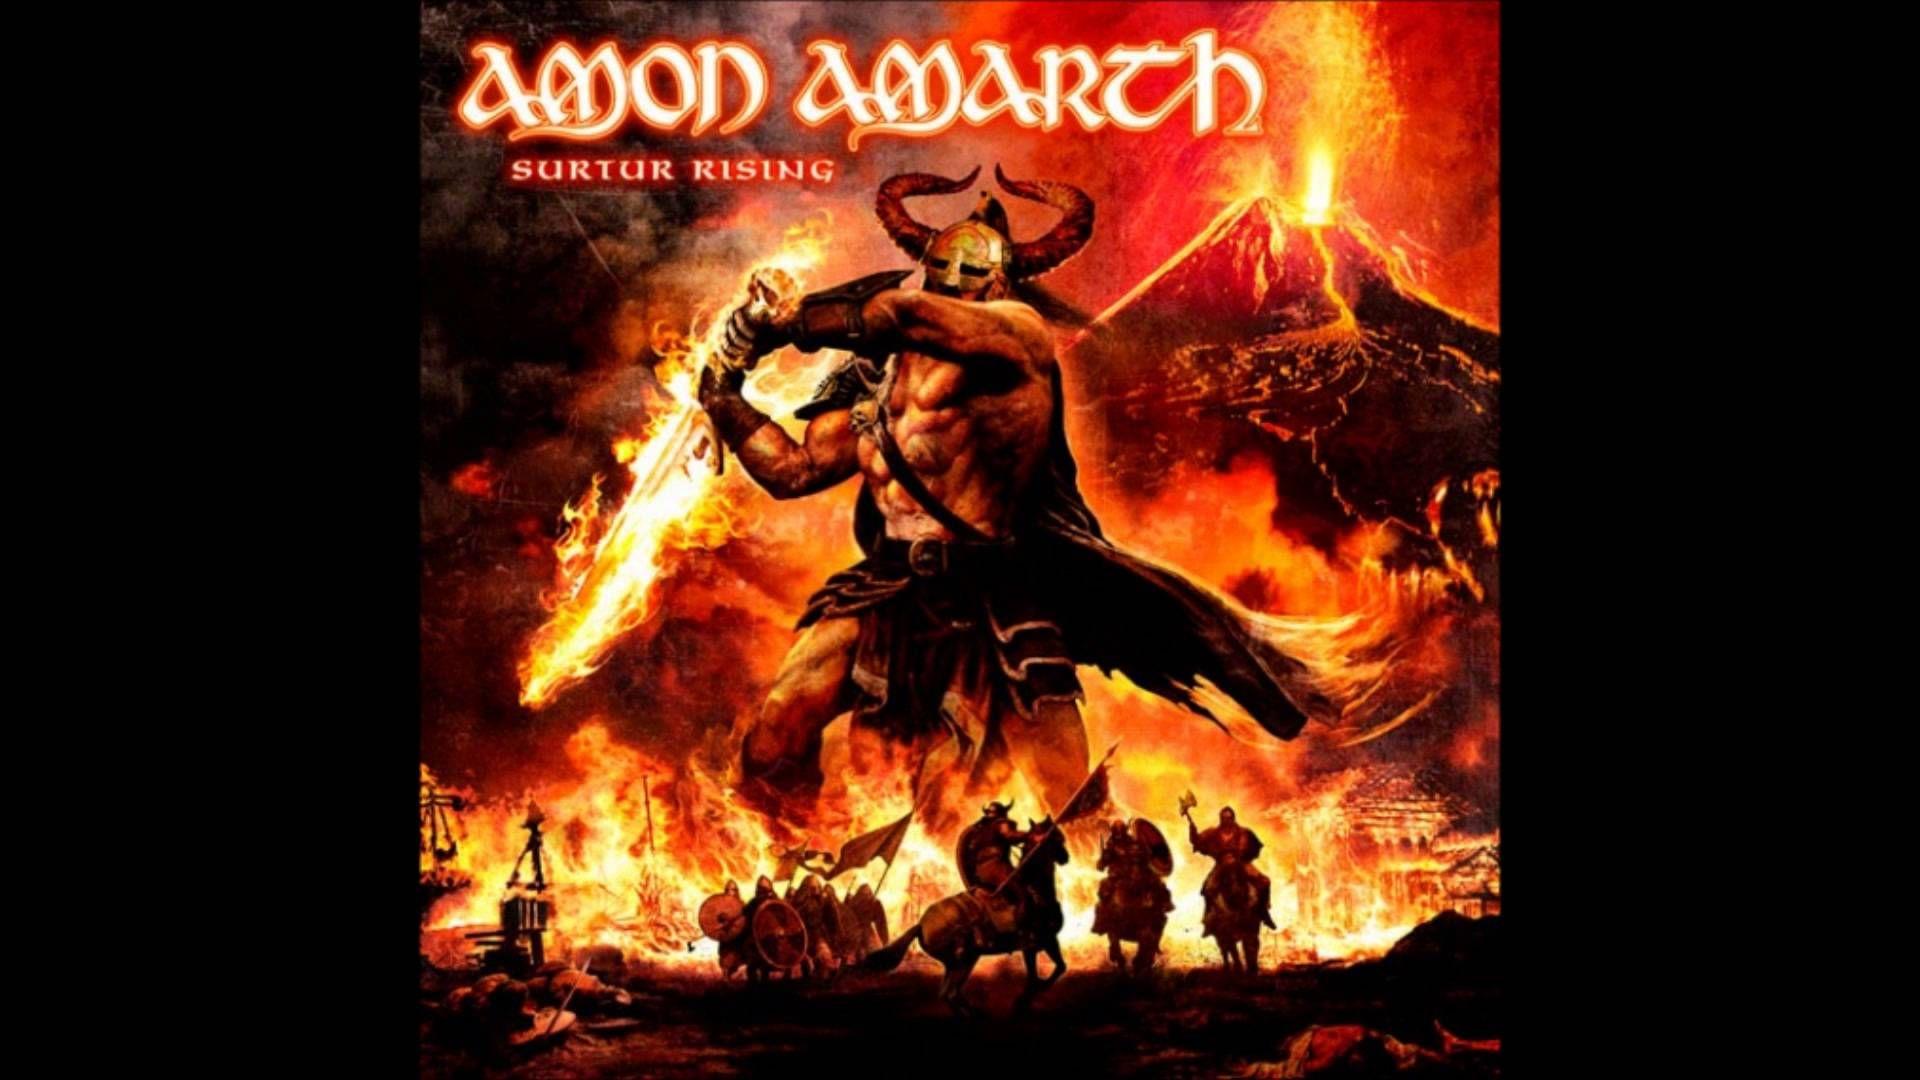 Amon amarth surtur rising full album 1080p hd